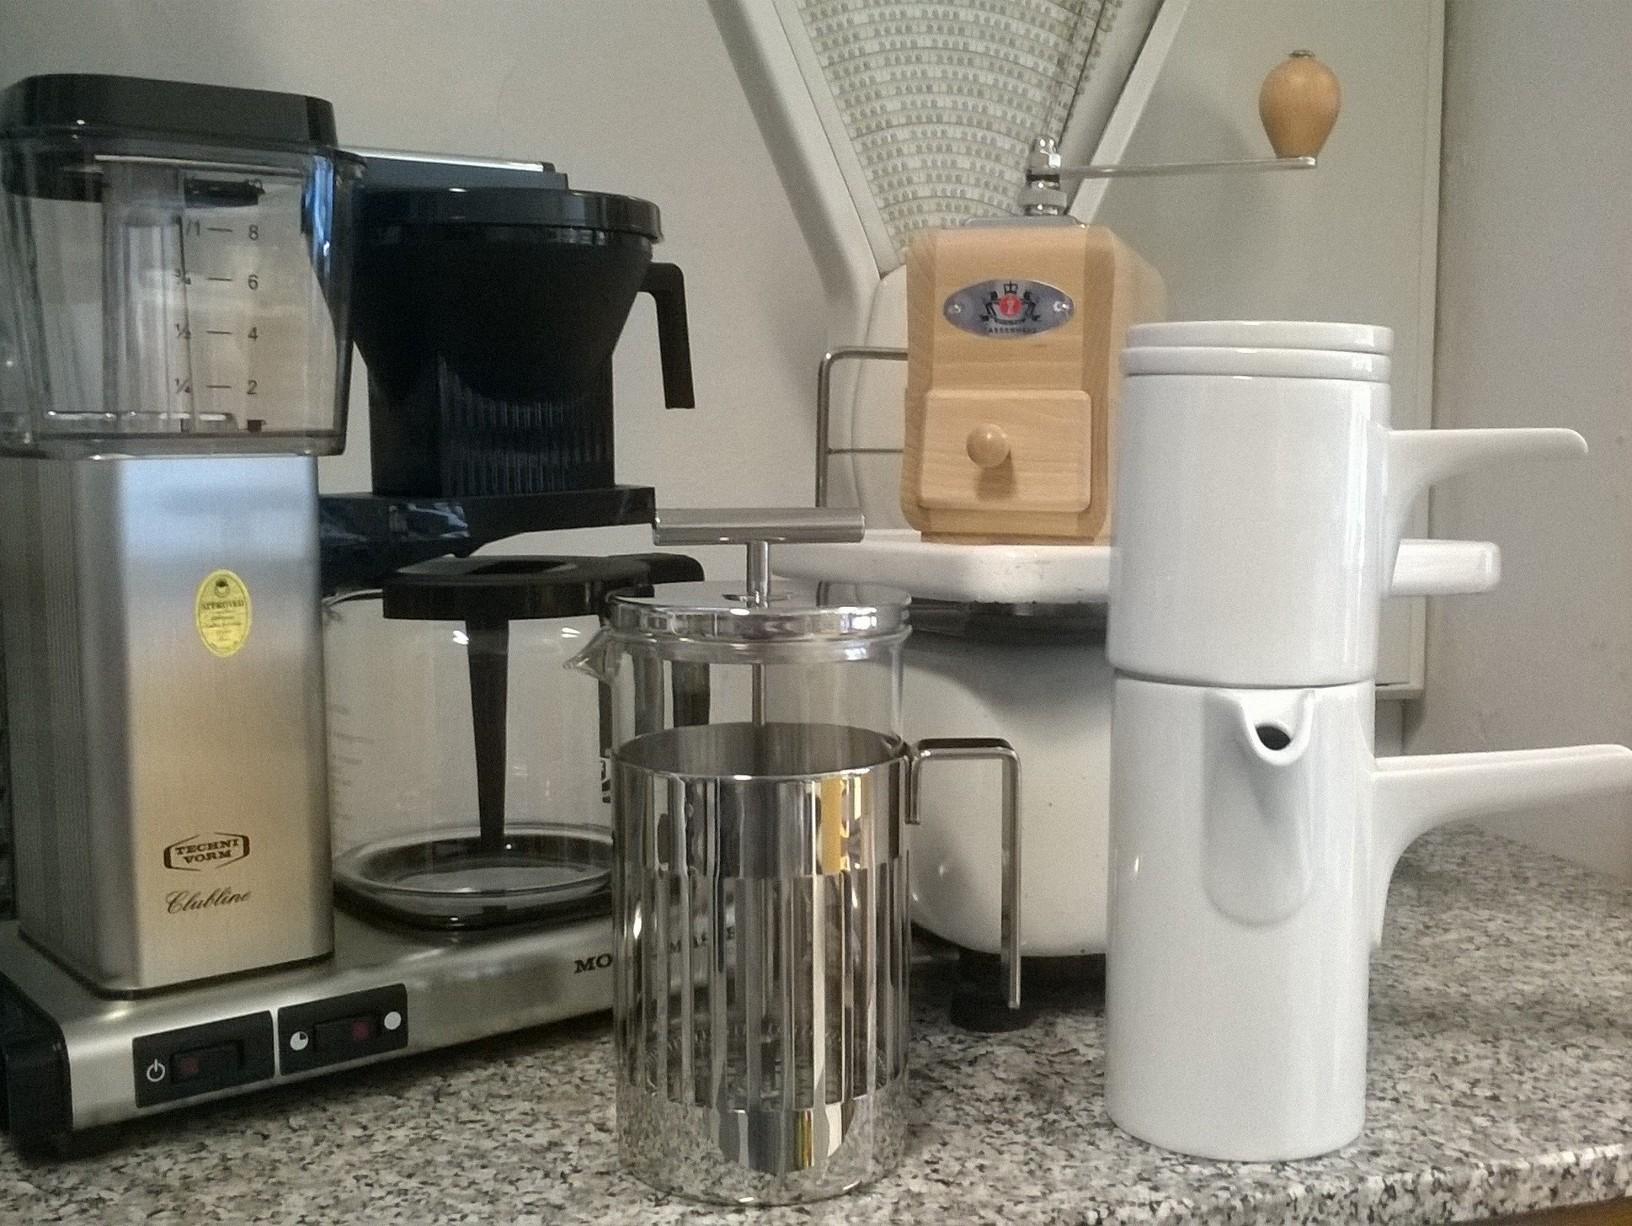 eine gute tasse kaffee oder eine tasse guten kaffee cucinare. Black Bedroom Furniture Sets. Home Design Ideas